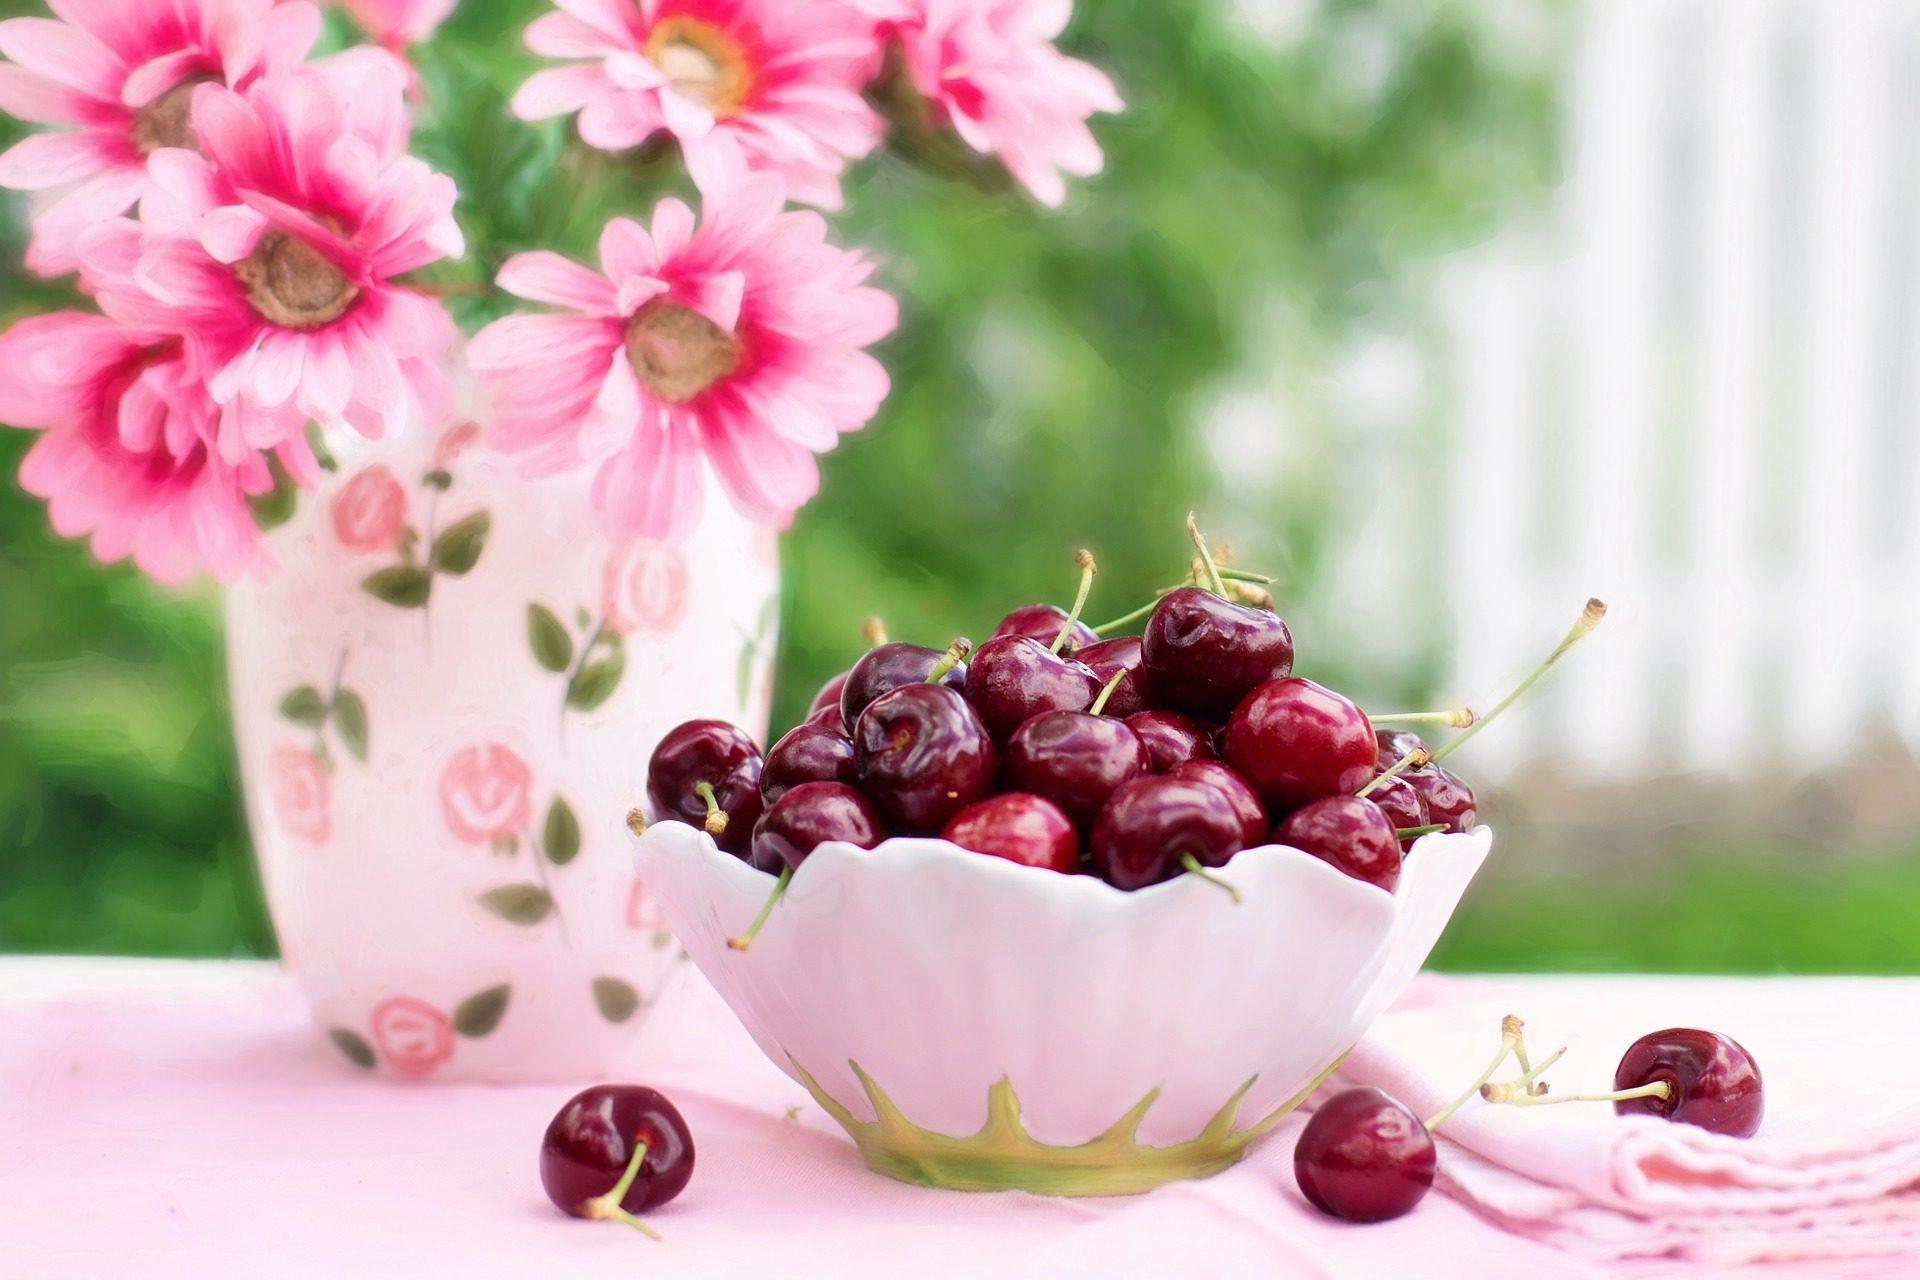 cerises, fruits, fleurs, Bol, Rosa - Fonds d'écran HD - Professor-falken.com